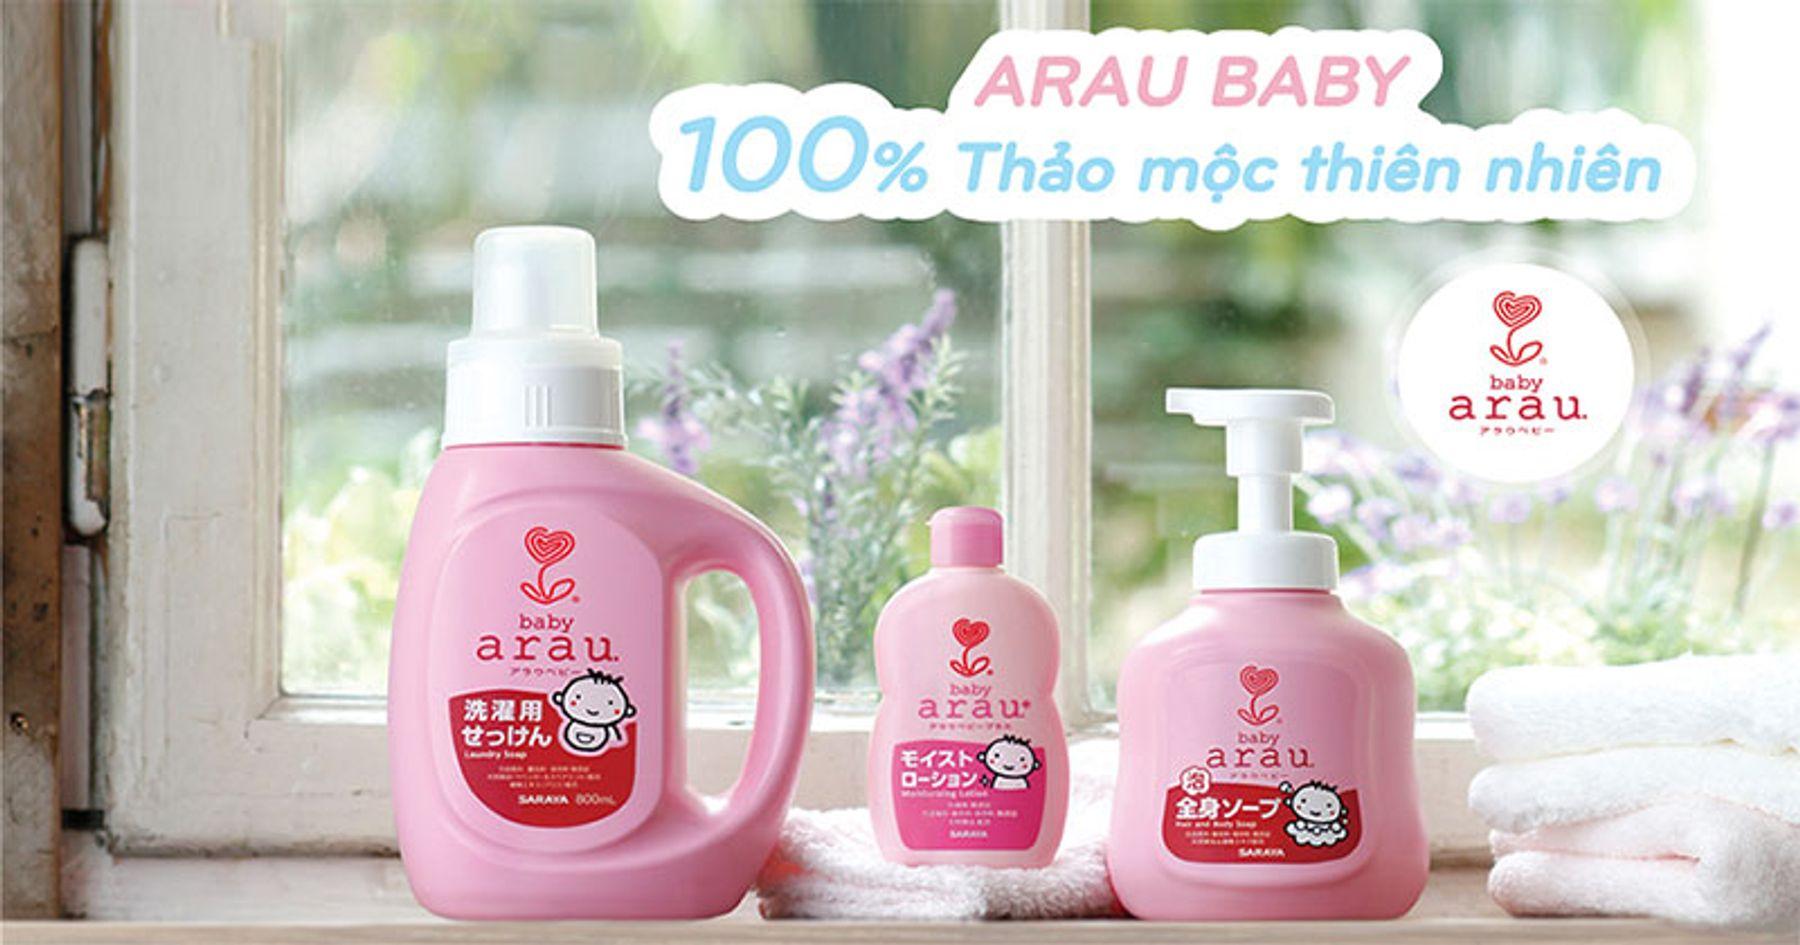 Nước giặt đồ cho em bé Arau